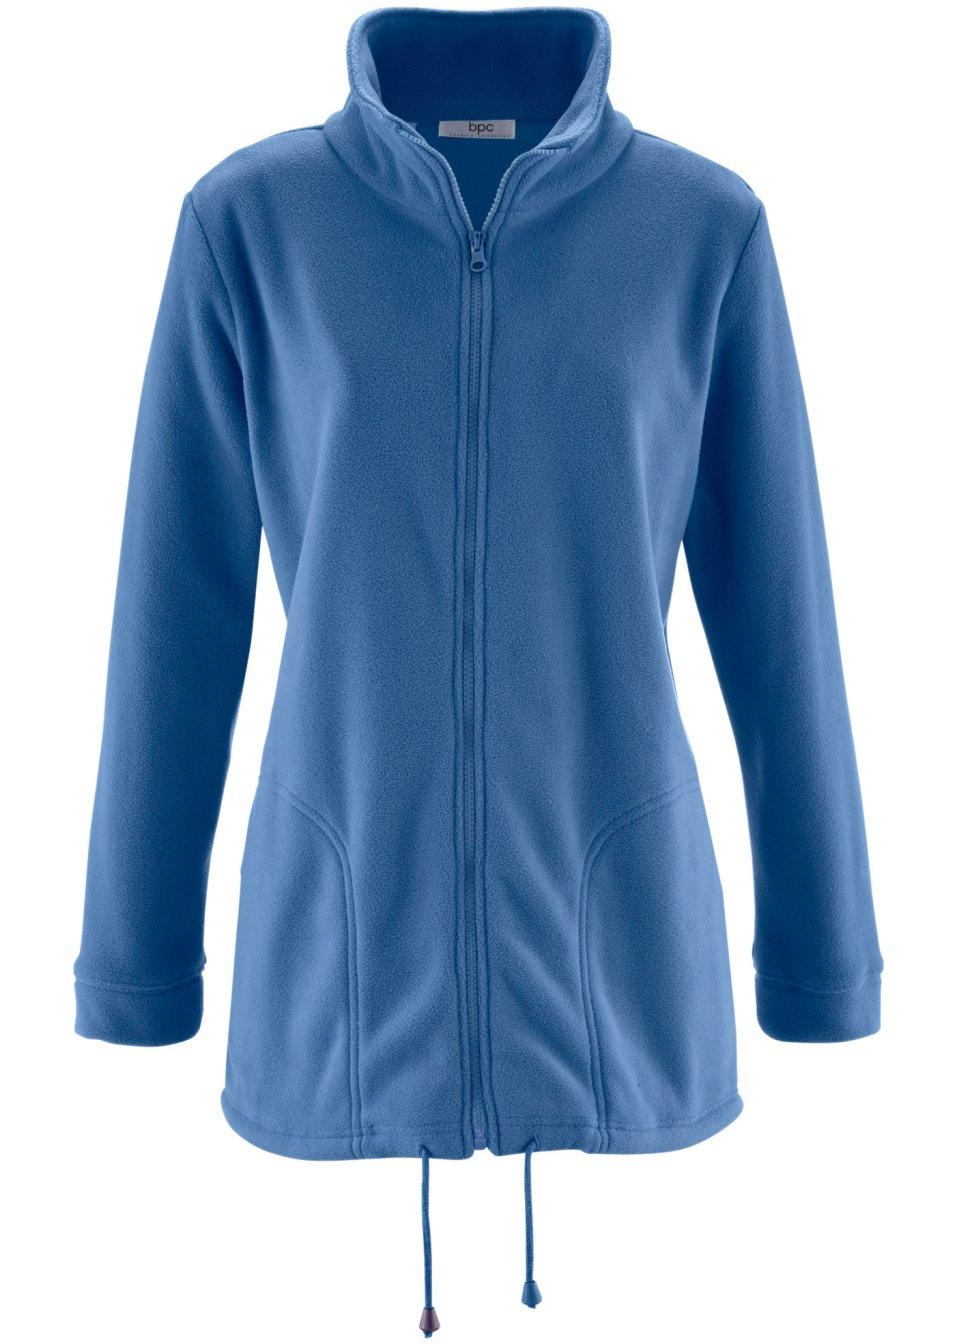 gilet polaire manches longues gris bleu femme. Black Bedroom Furniture Sets. Home Design Ideas